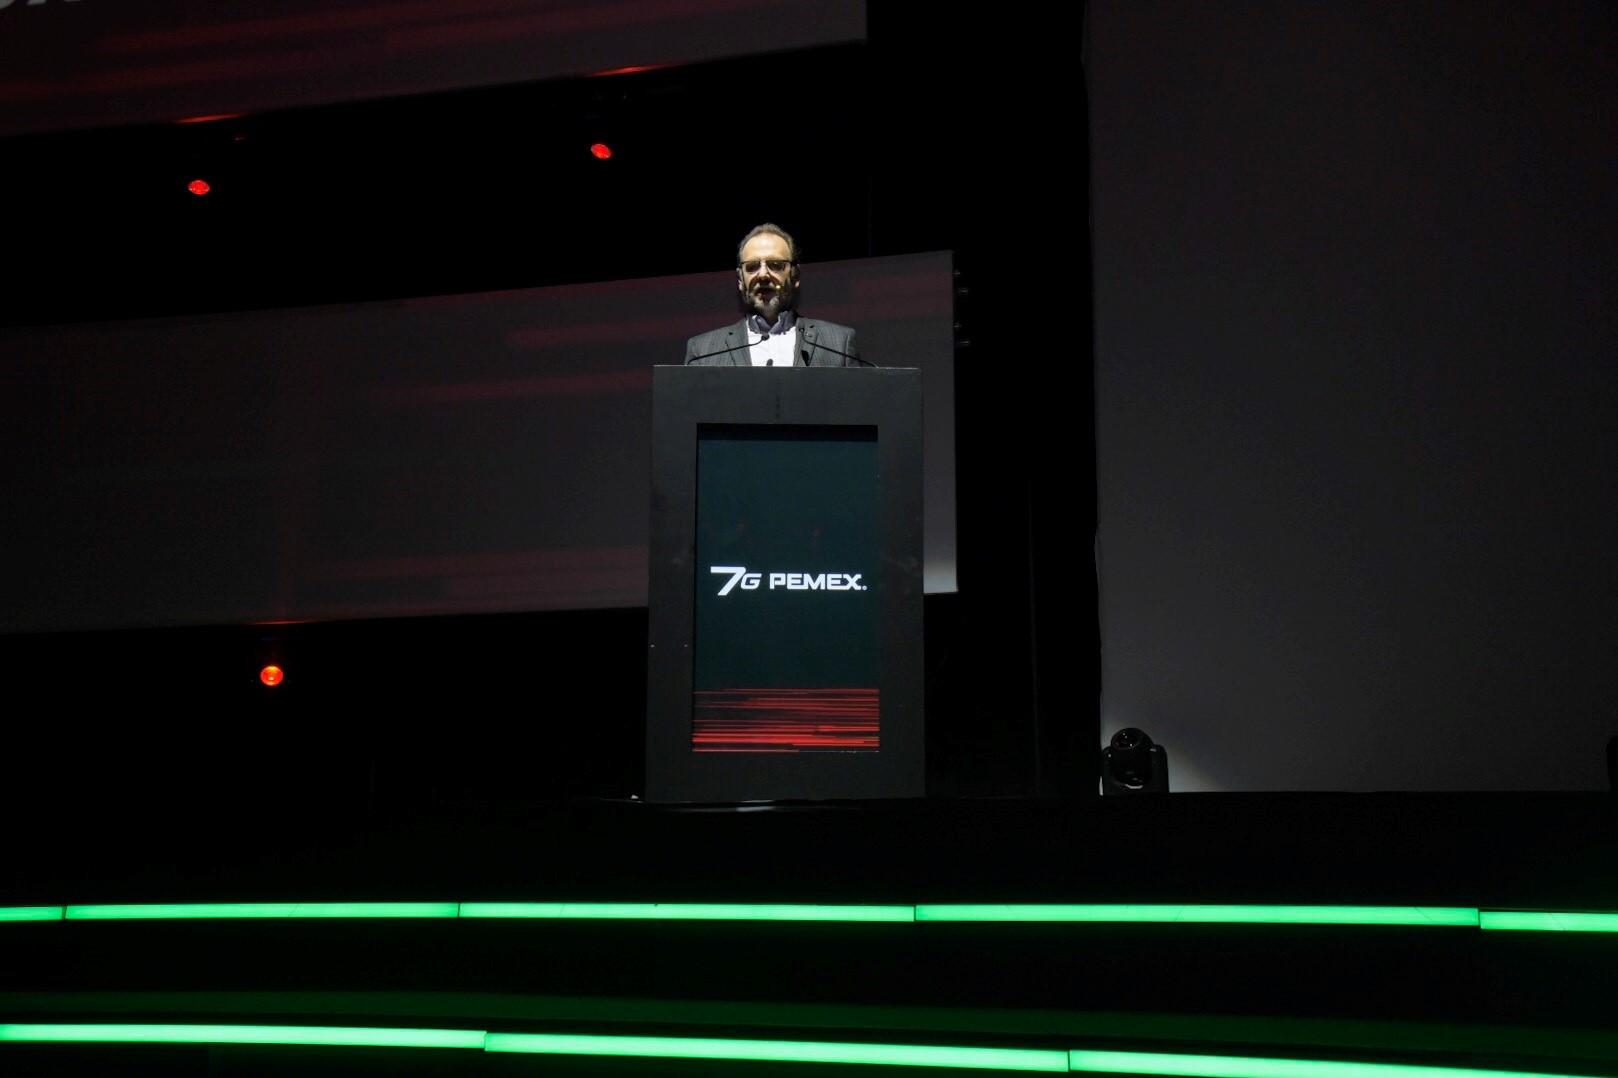 Aditivo Pemex presentación